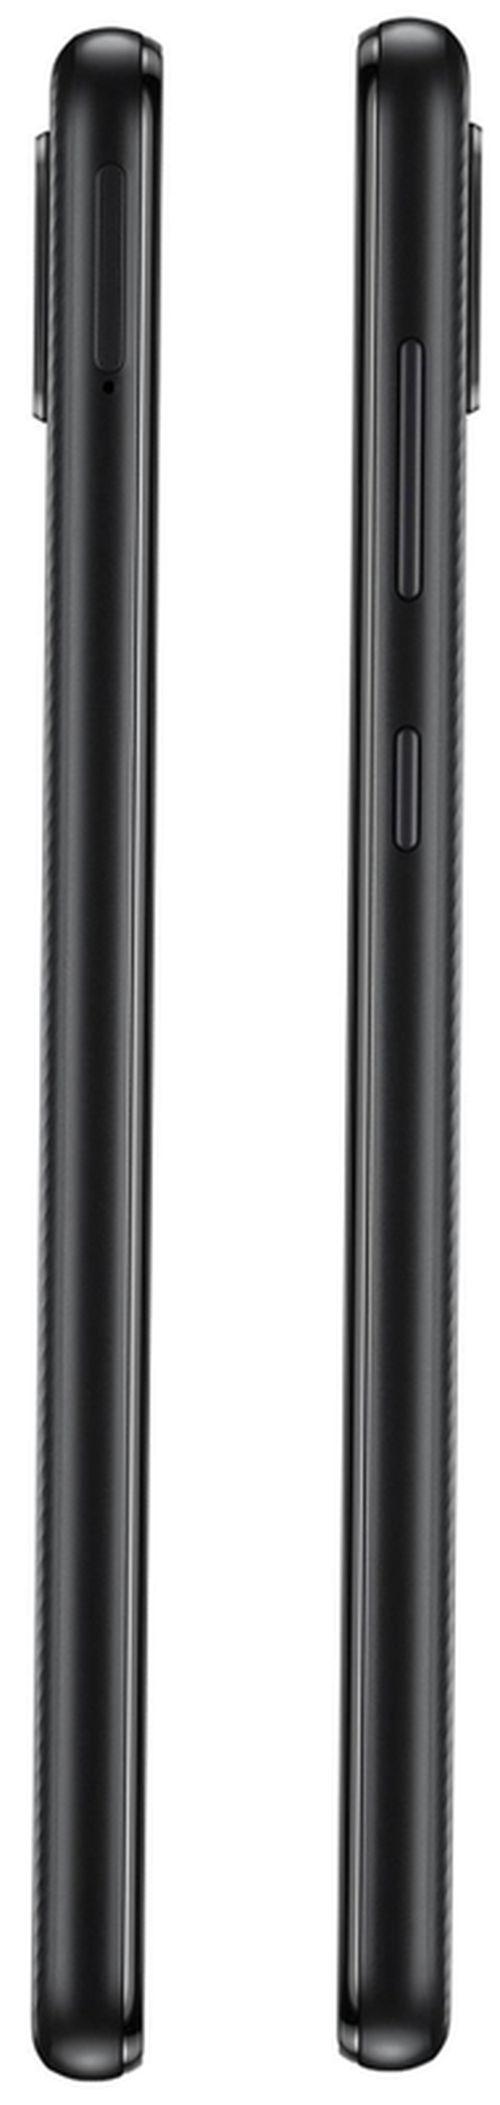 купить Смартфон Samsung A022/32 Galaxy A02 BLACK в Кишинёве